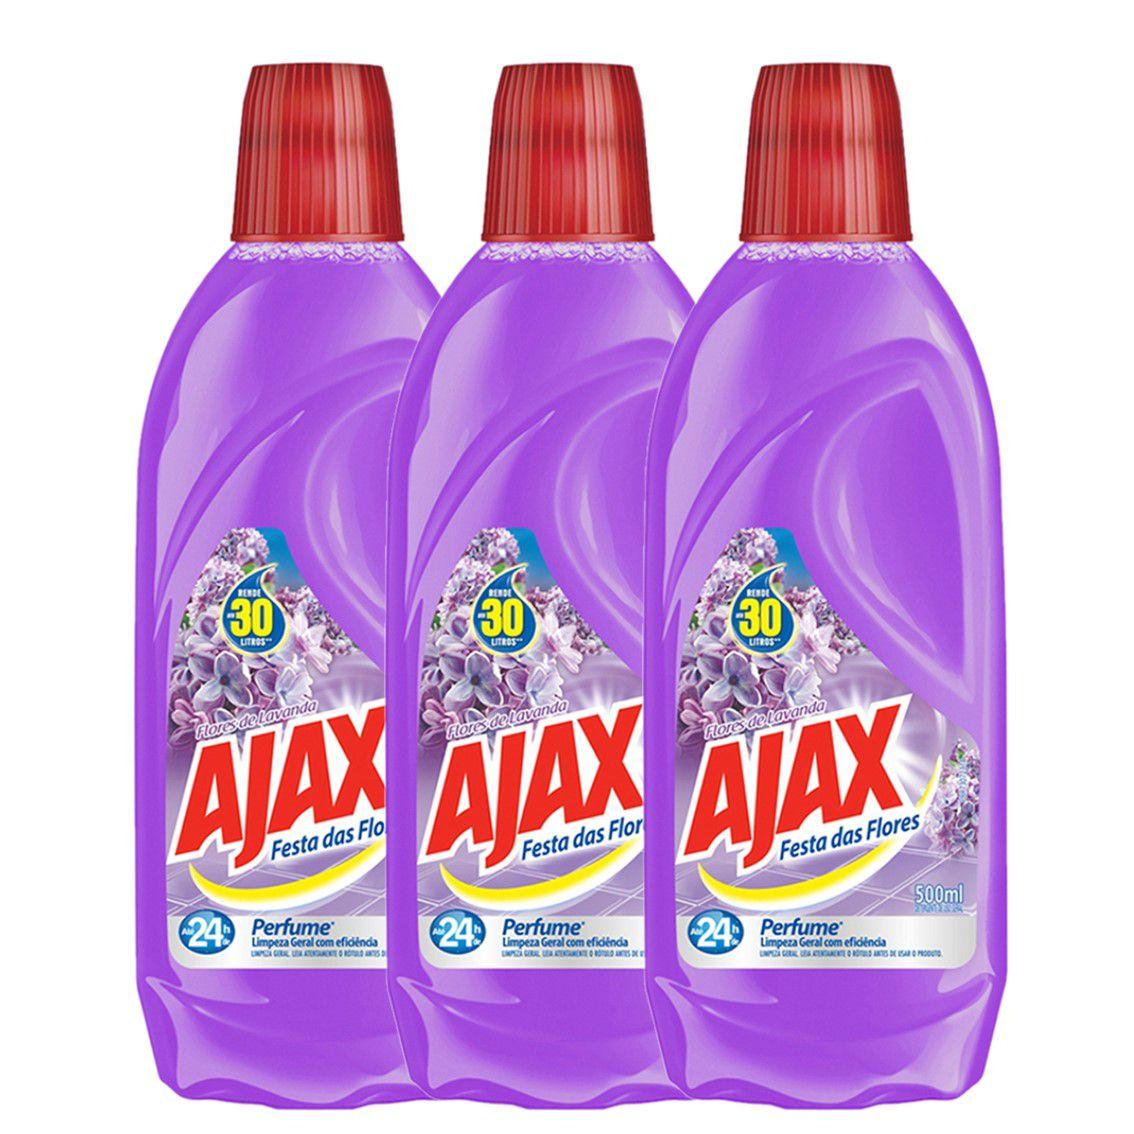 Kit com 3 Limpador Diluível Ajax Festa das Flores Lavanda 500ml Cada